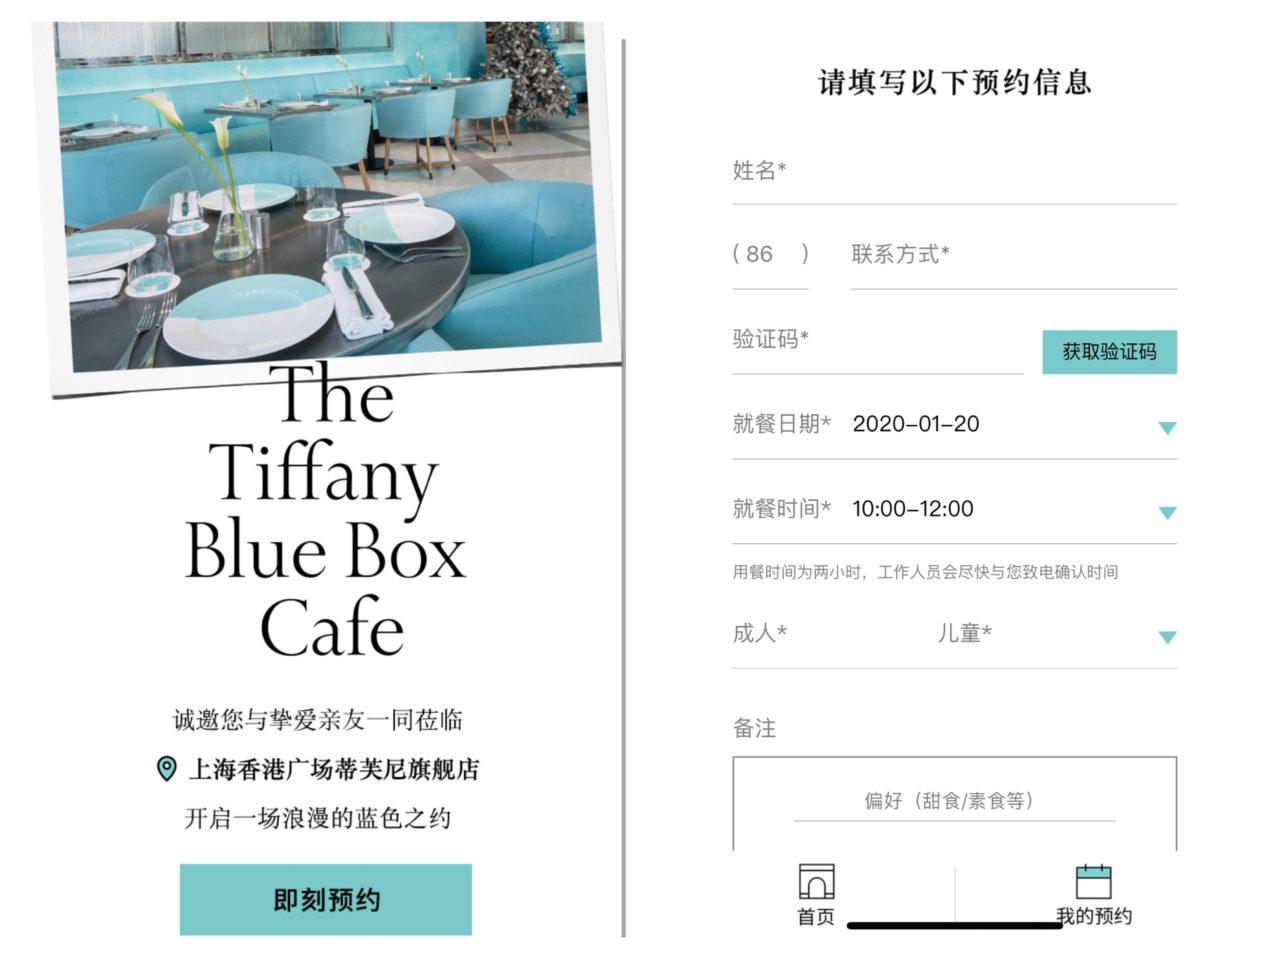 img 7465 - The Tiffany Blue Box Cafe - 上海でティファニーアフタヌーンティーを満喫